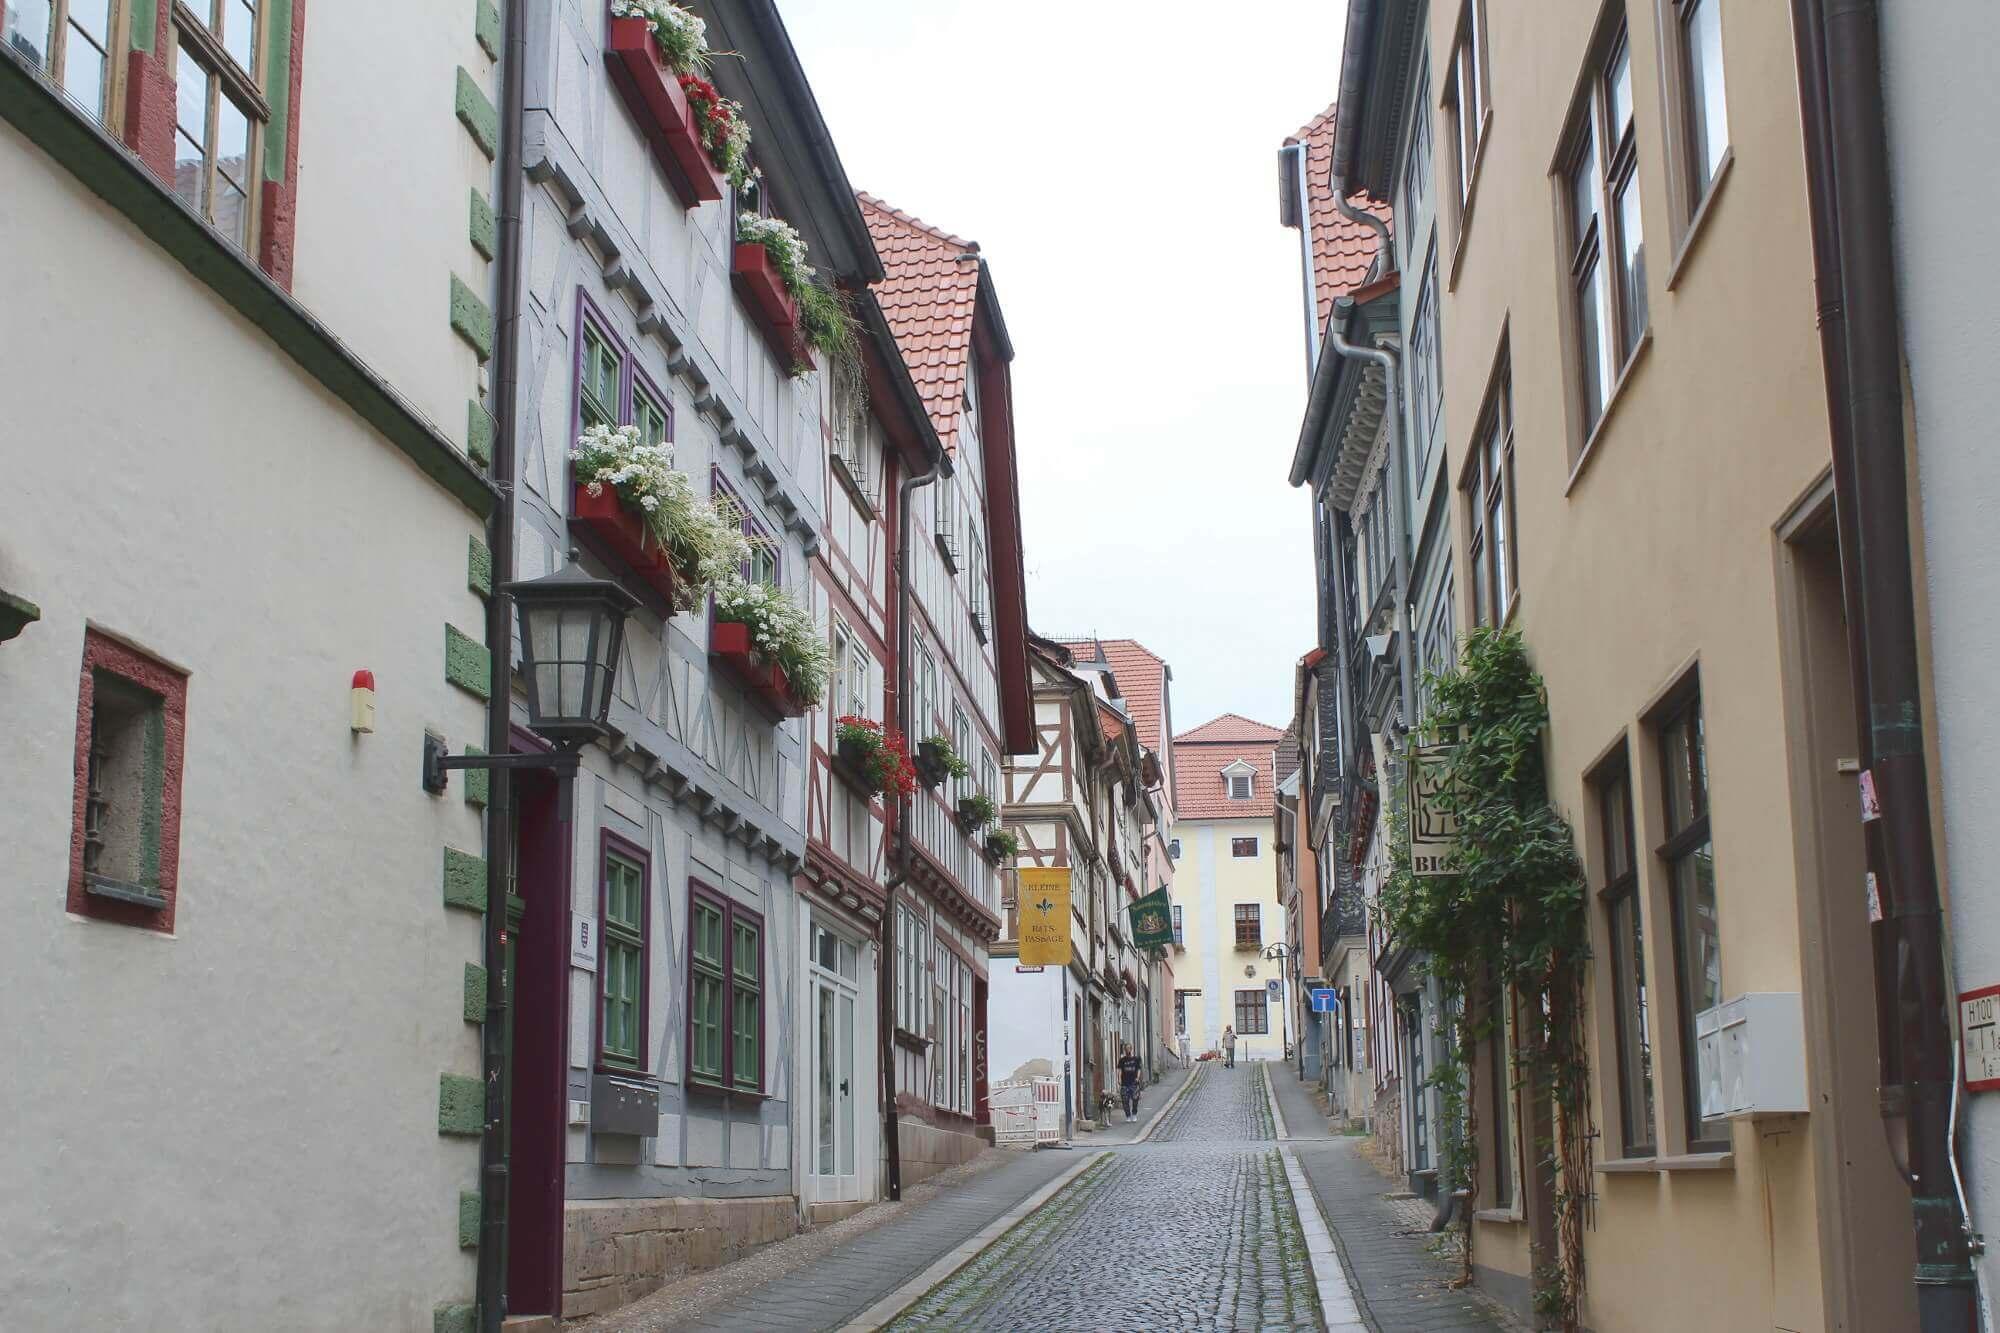 Straße in Mühlhausen in der Welterberegion Wartburg-Hainich in Thüringen